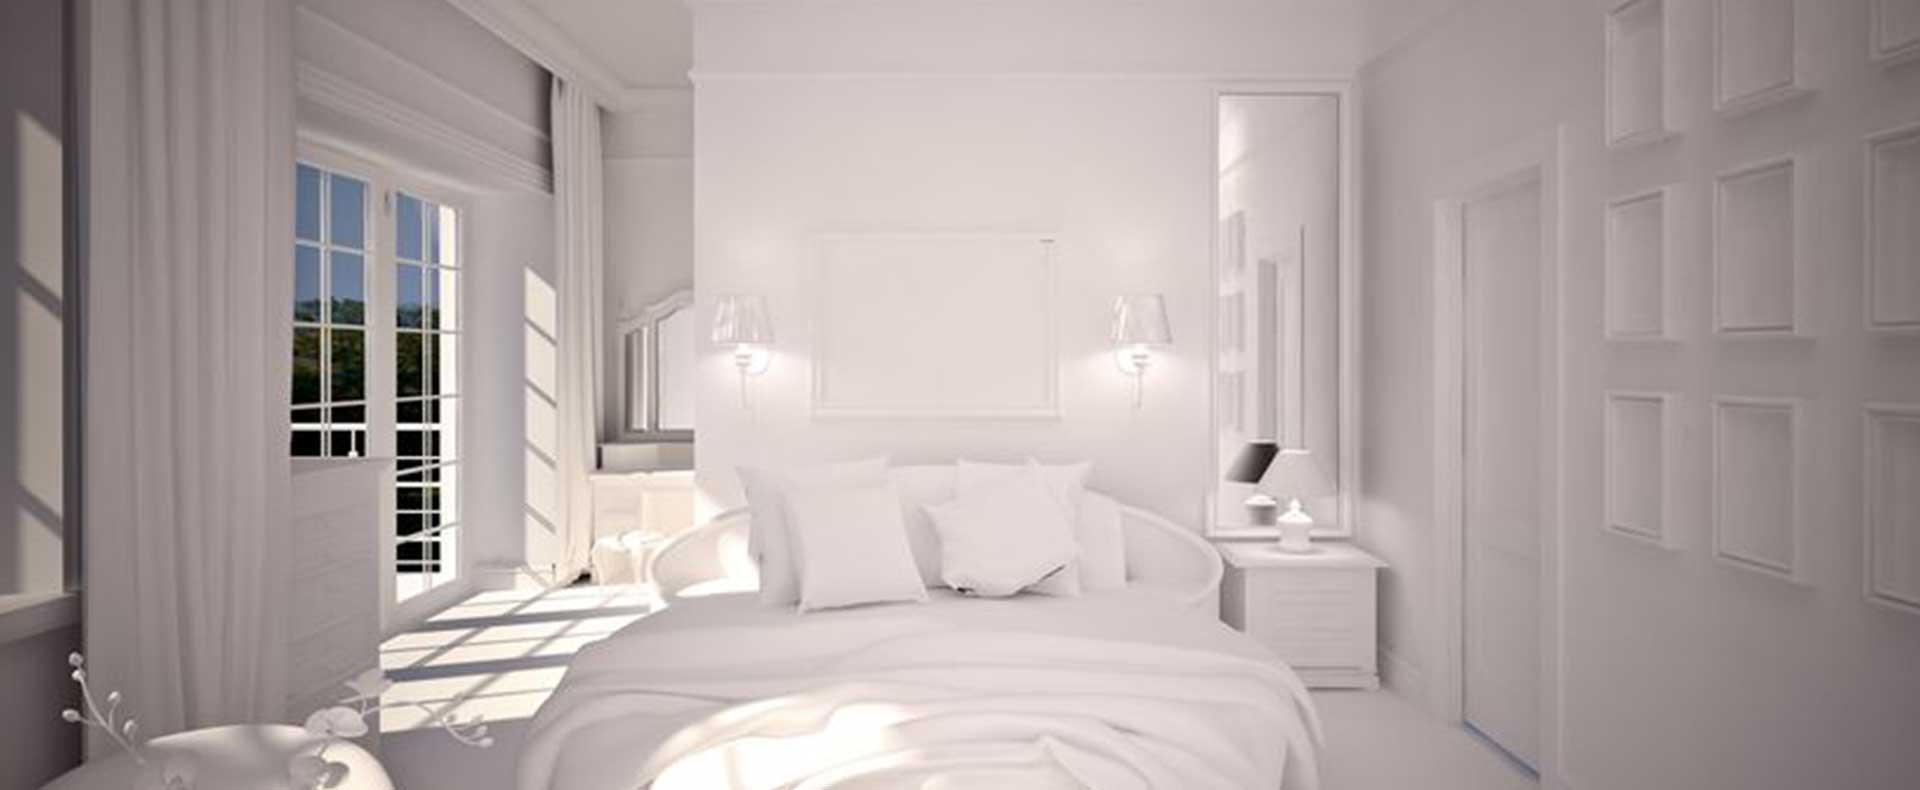 baner_hotel